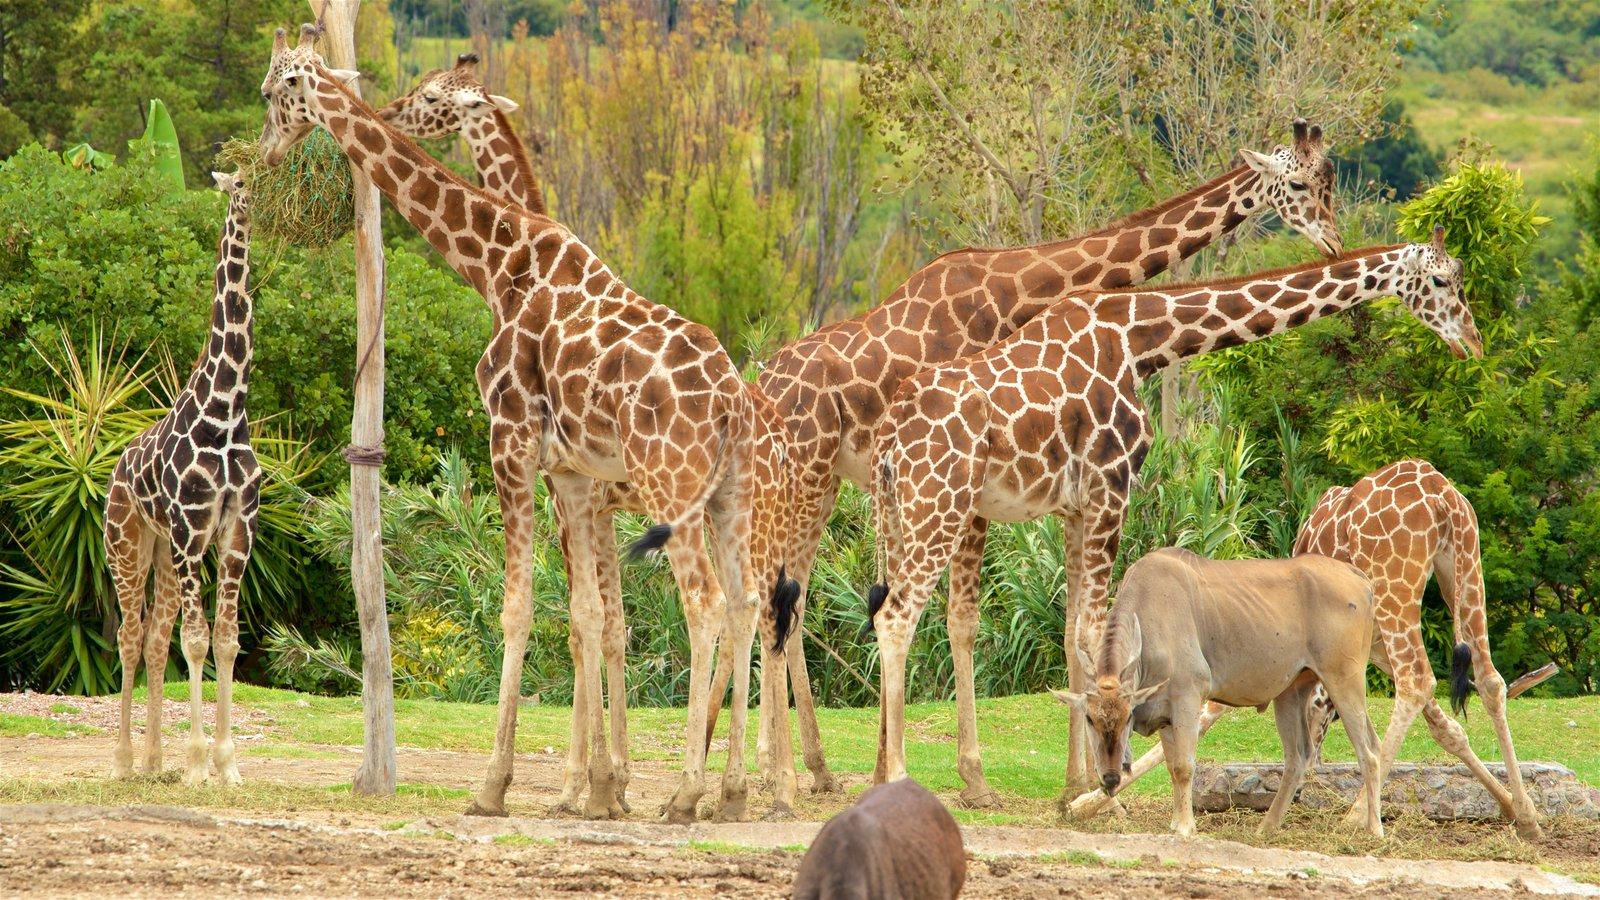 Africam Safari, un sitio ubicado en los alrededores de Puebla, perfecto para observar la vida salvaje